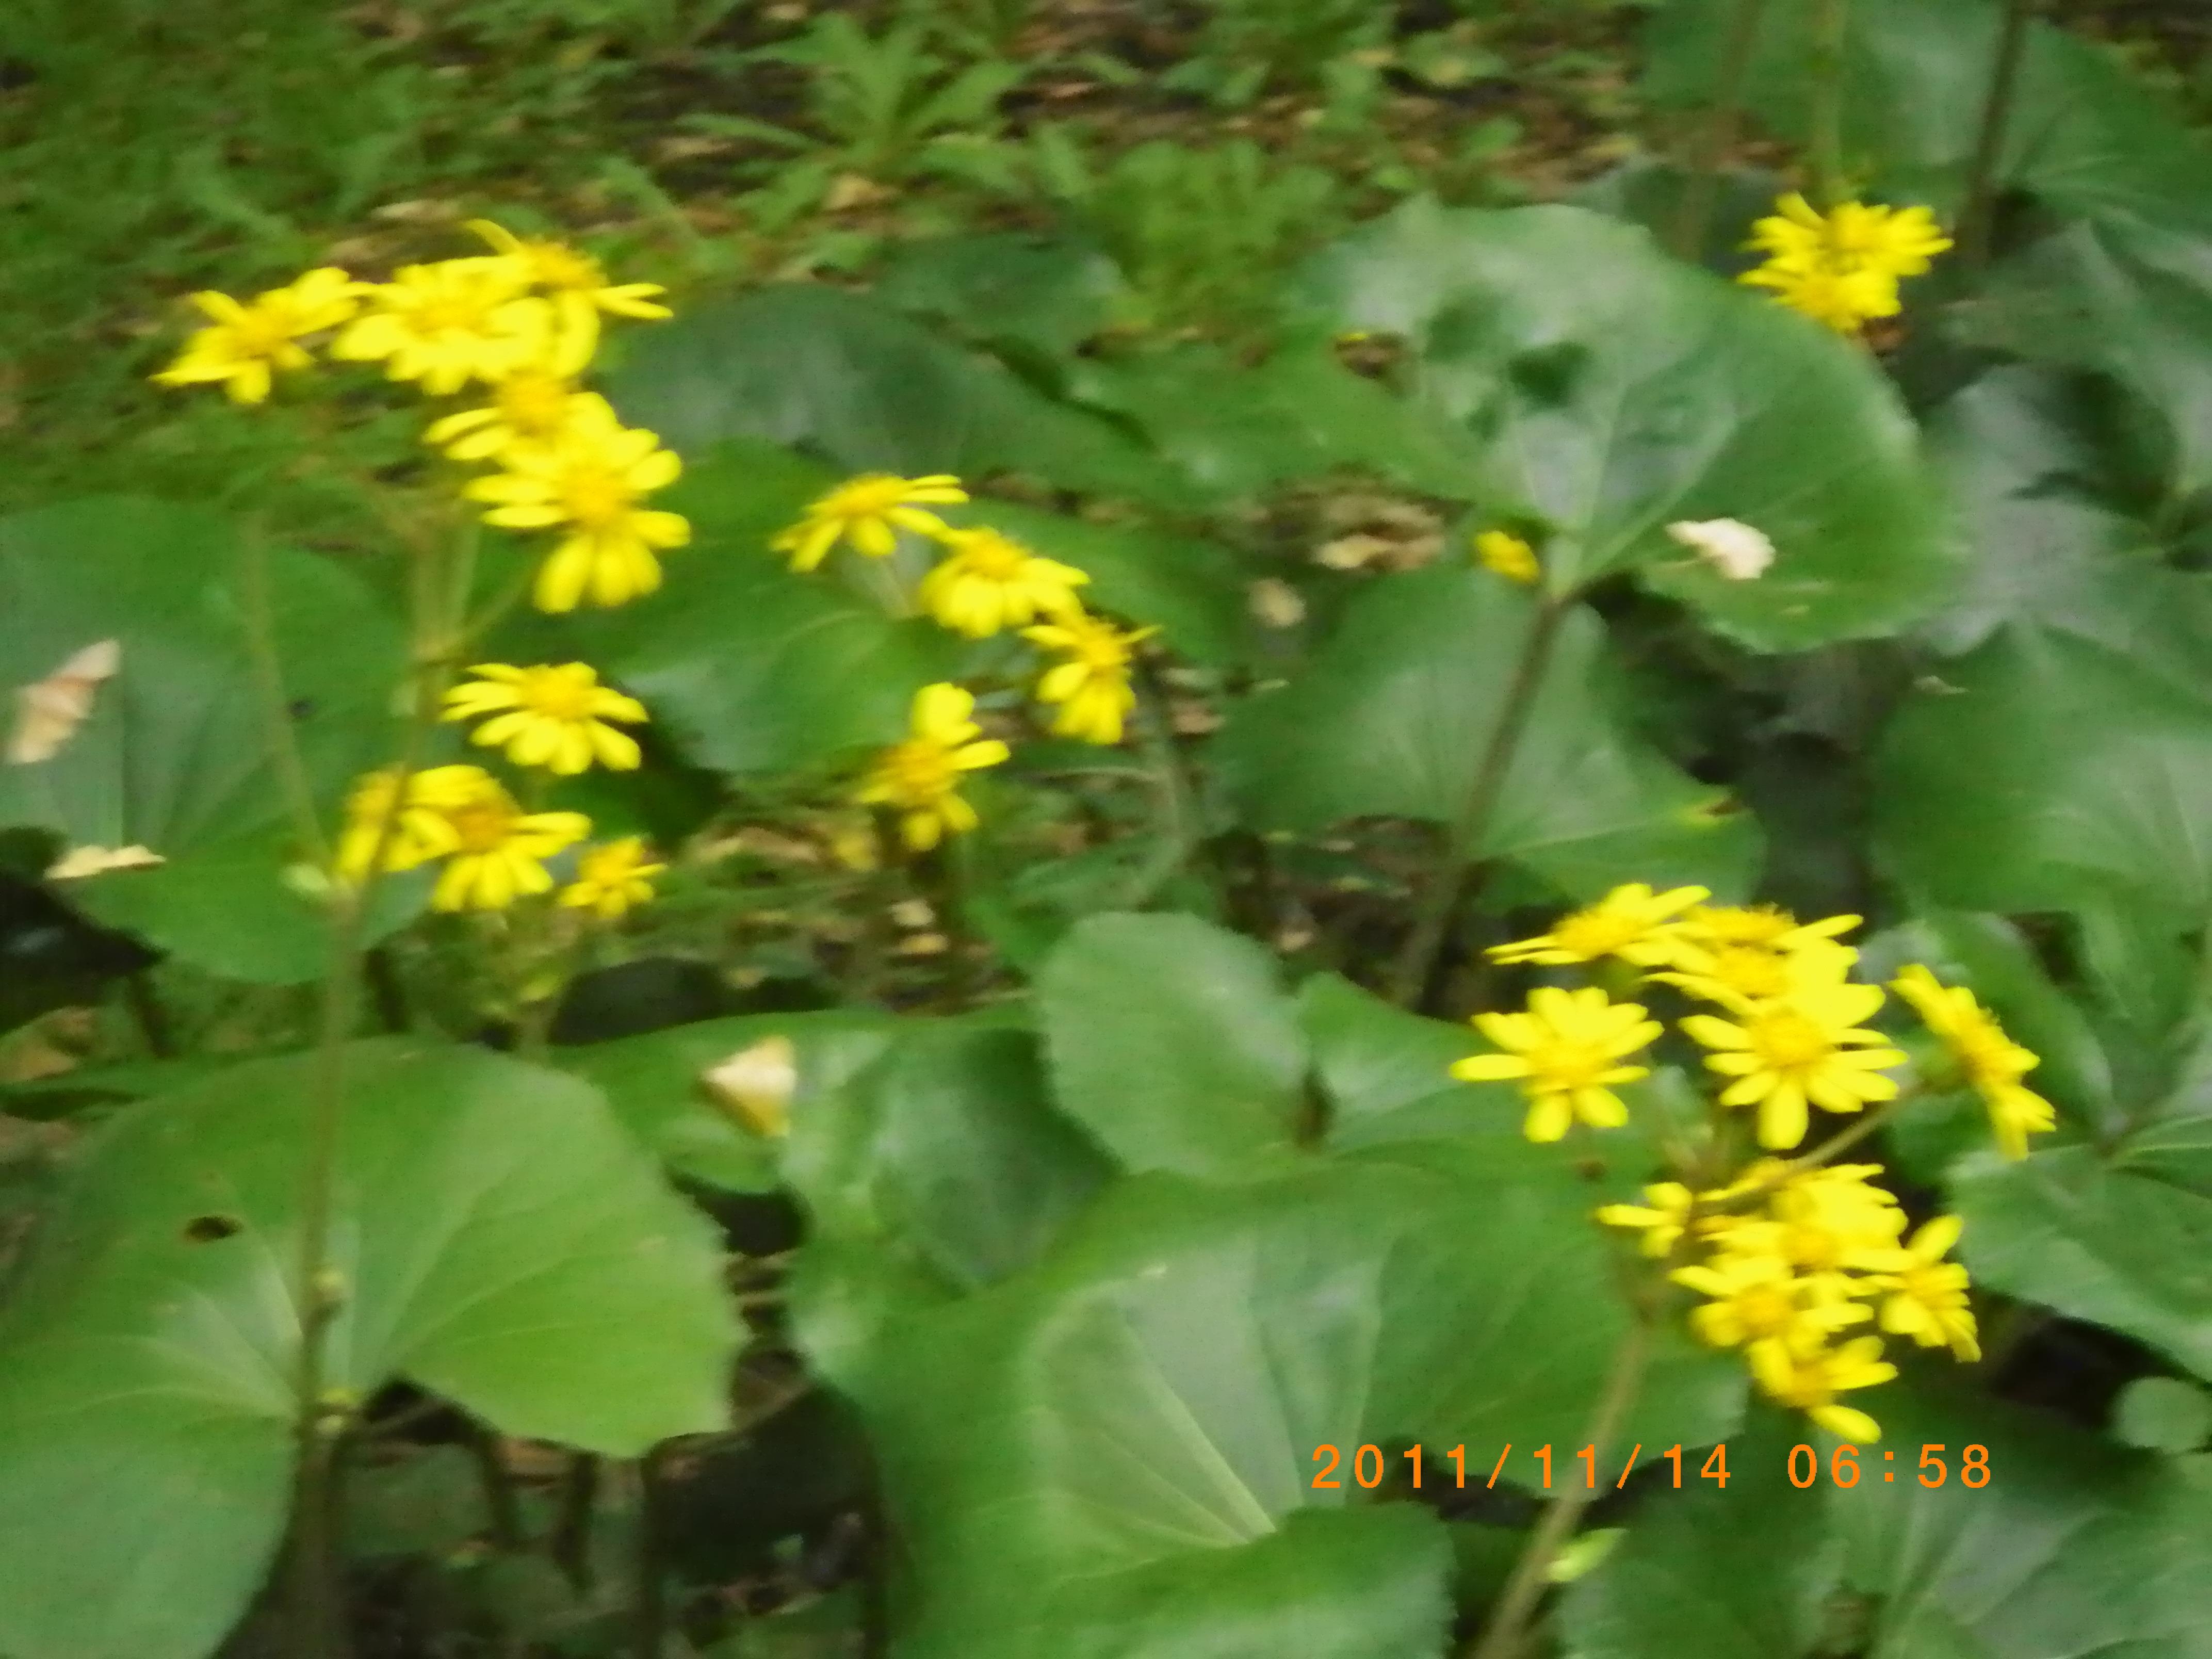 http://www.law-pro.jp/weblog/20111114.JPG